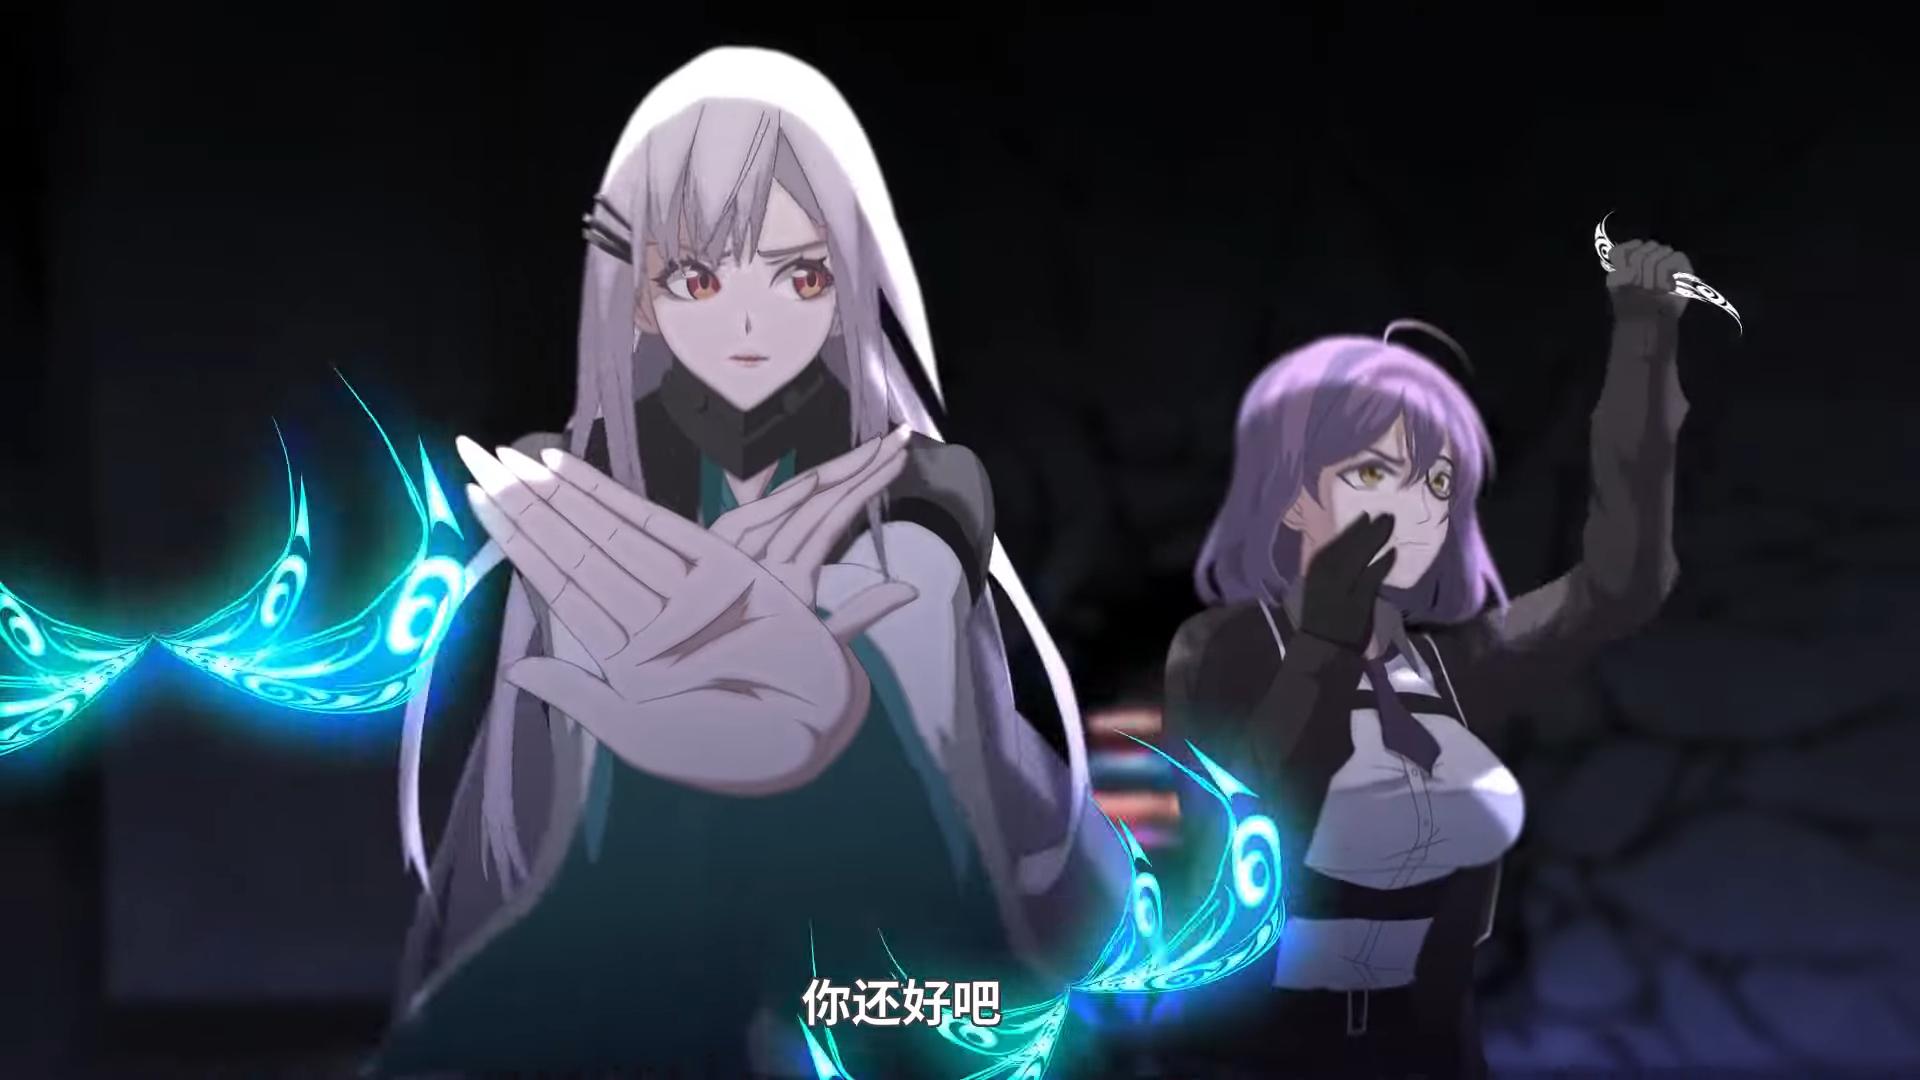 Yuan Shen Haojie - Human vs AI episode 04 english sub